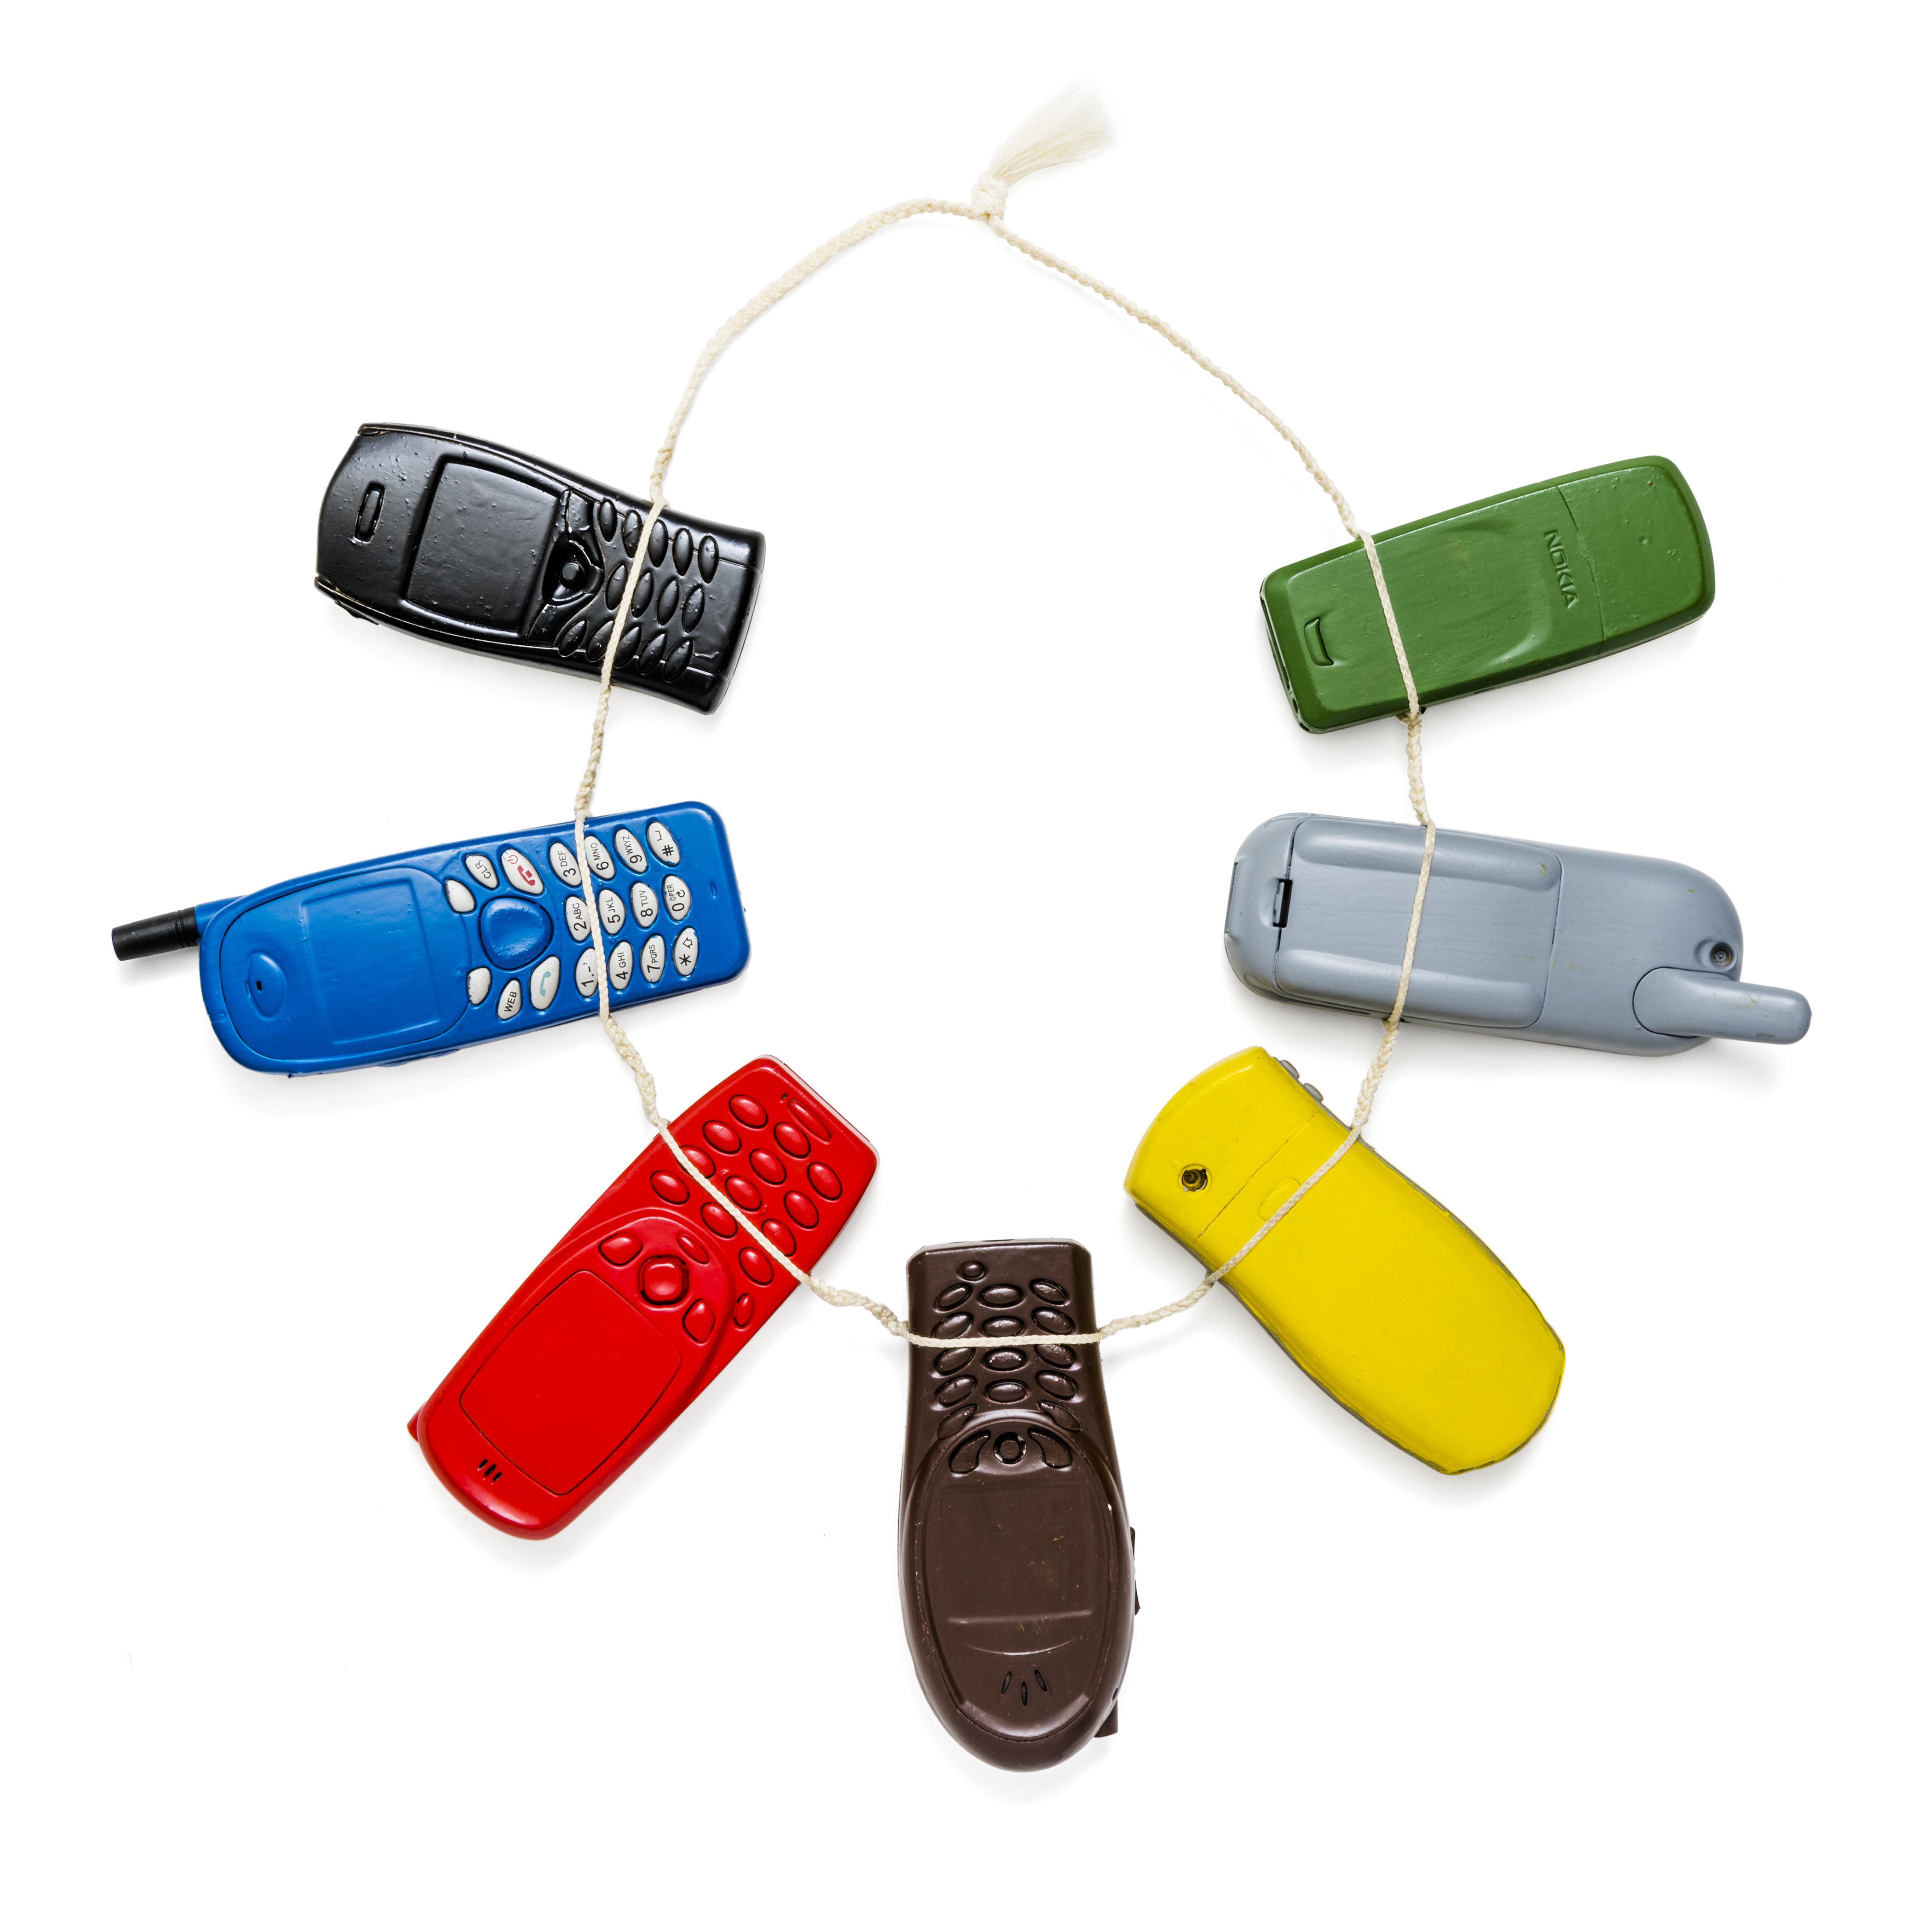 Lisa Walker, halssieraad, 2010, mobiele telefoons, verf, draad, Collectie Jorunn Veiteberg